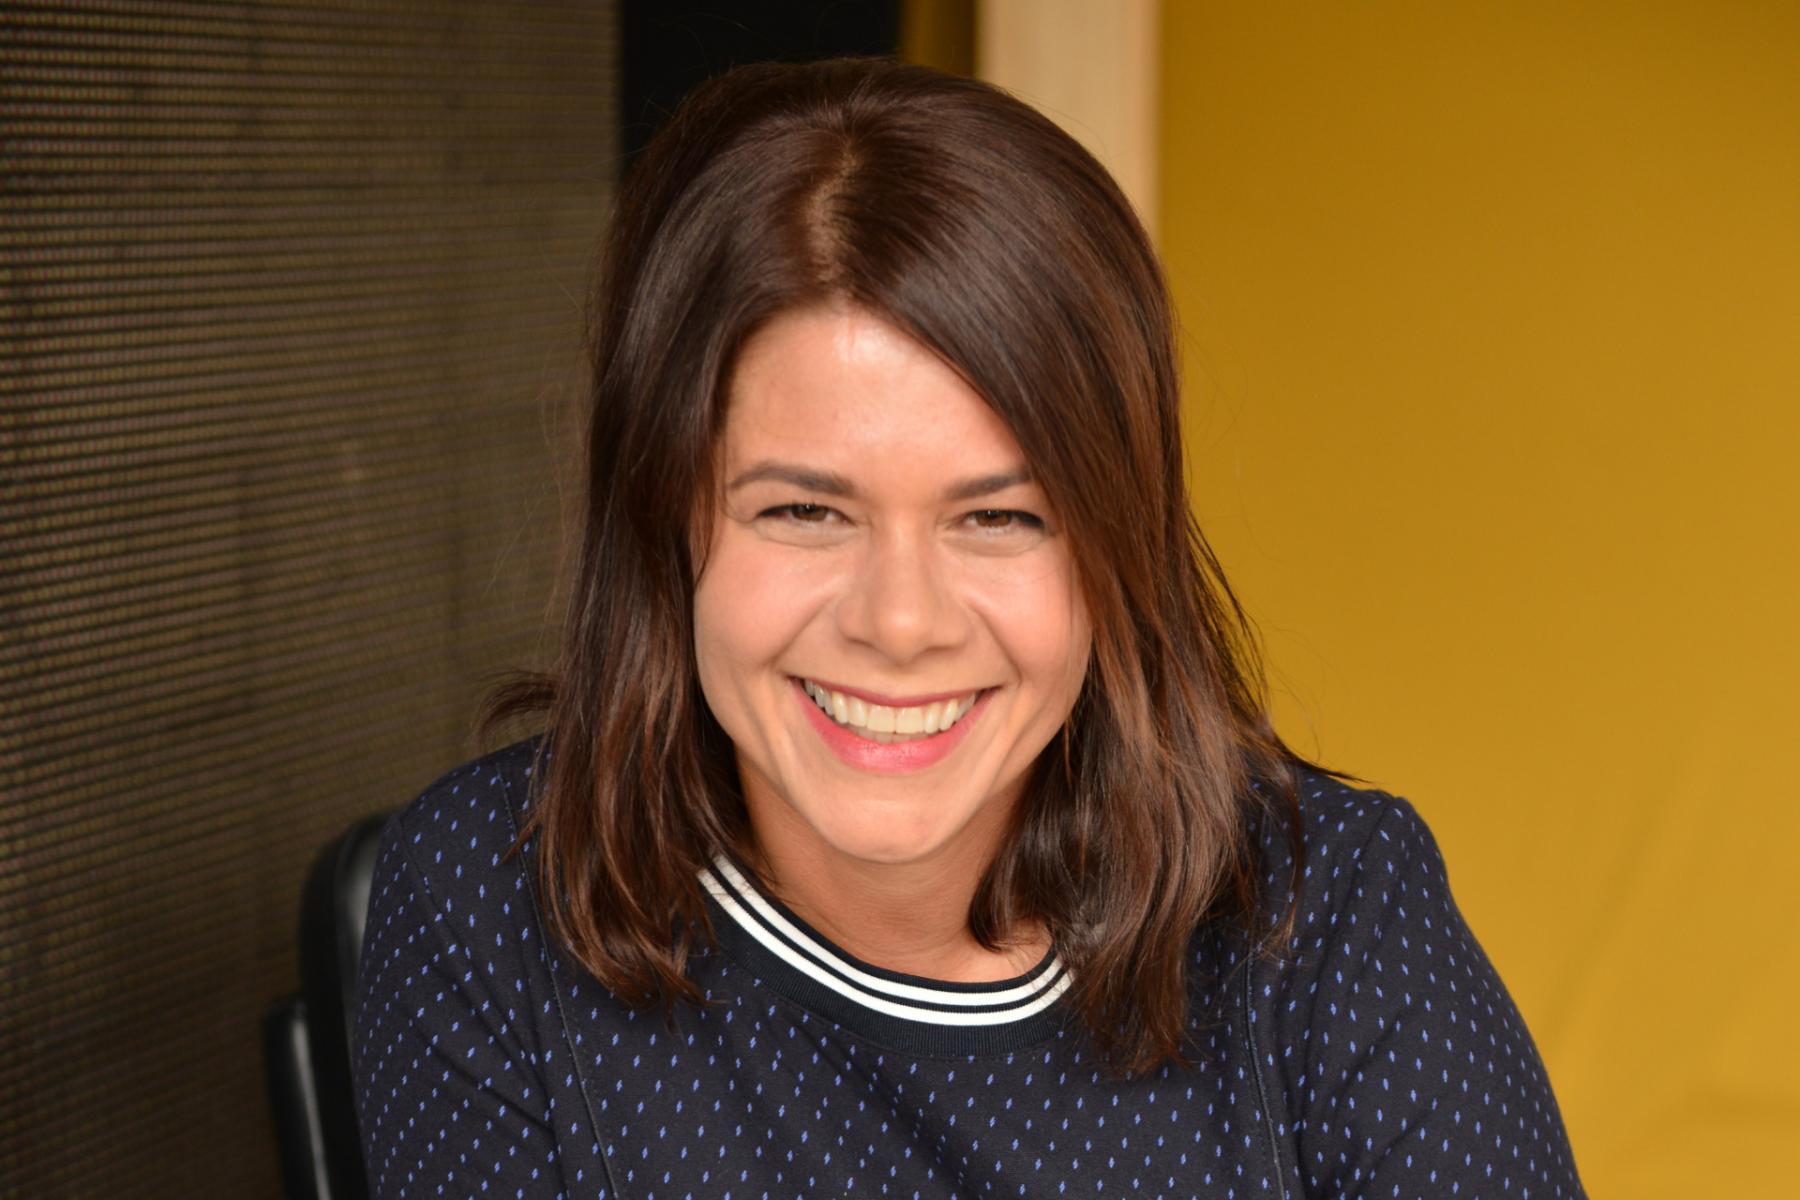 Mária Sztarovics: Podnikat úspěšně a společensky odpovědně lze zároveň